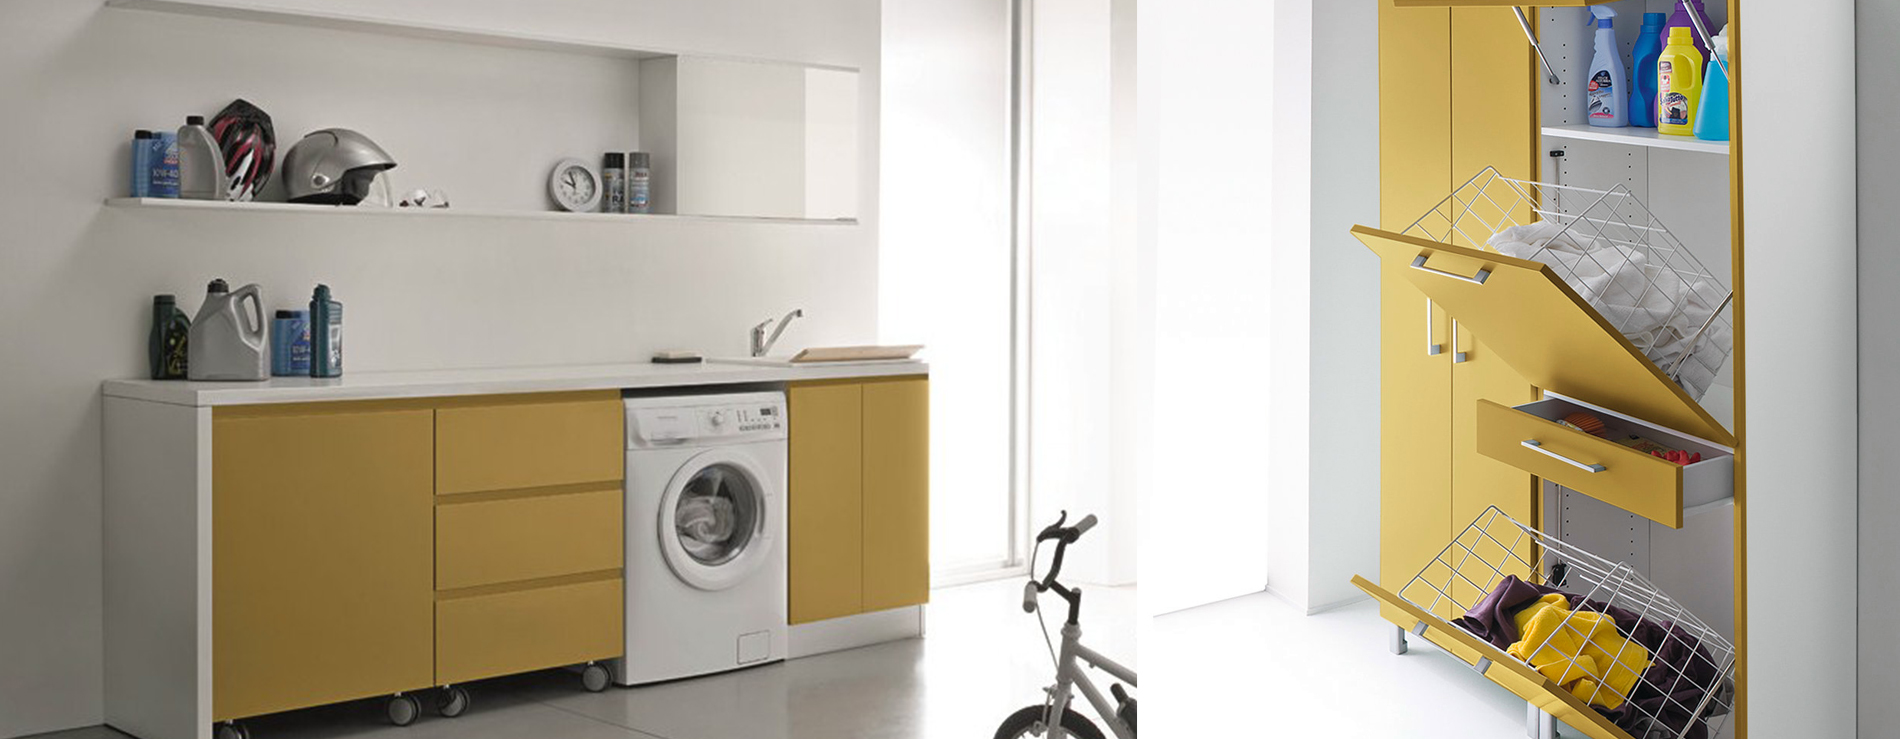 Bagno con pareti in mosaico beige - Mobili per lavanderia di casa ...